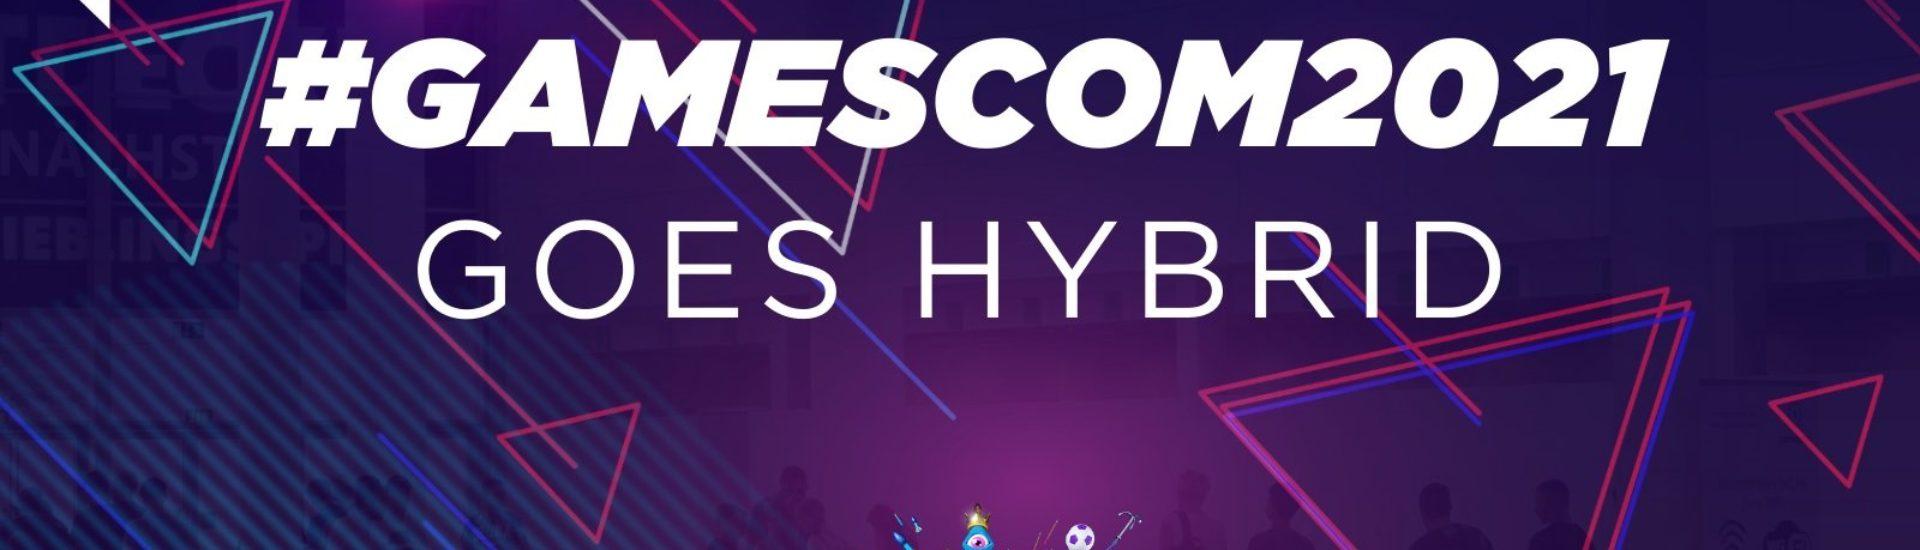 gamescom 2021: Hybrid-Modell in diesem Jahr